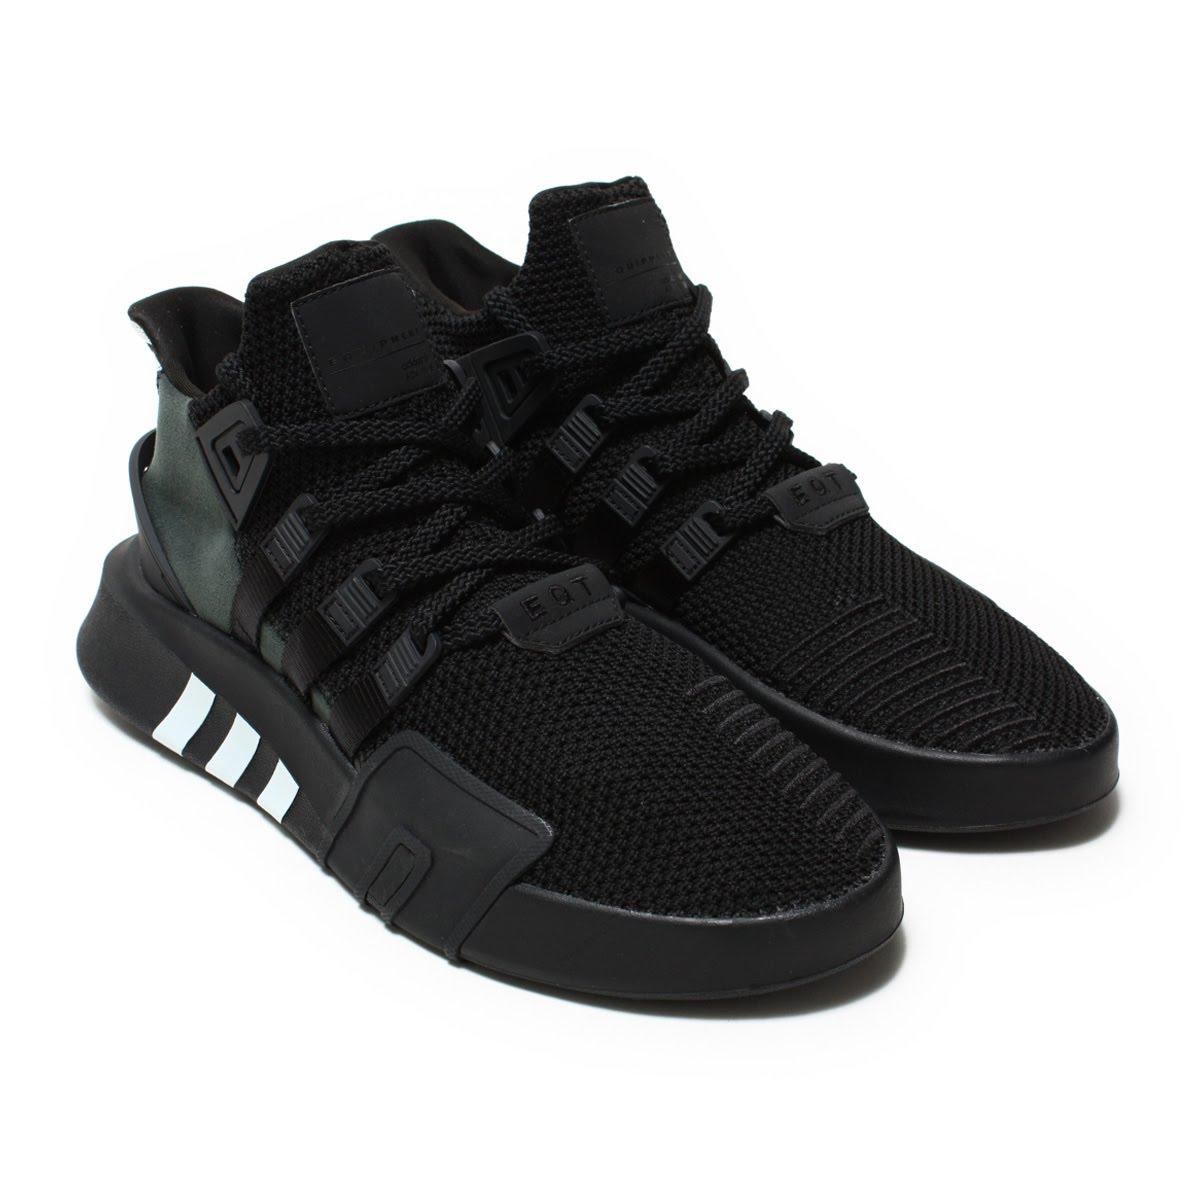 sports shoes 2d246 82e0b adidas Originals EQT BASK ADV (Adidas originals E cue tea BASK ADV) Core  Black/Core Black/Blue Tint 18SS-I